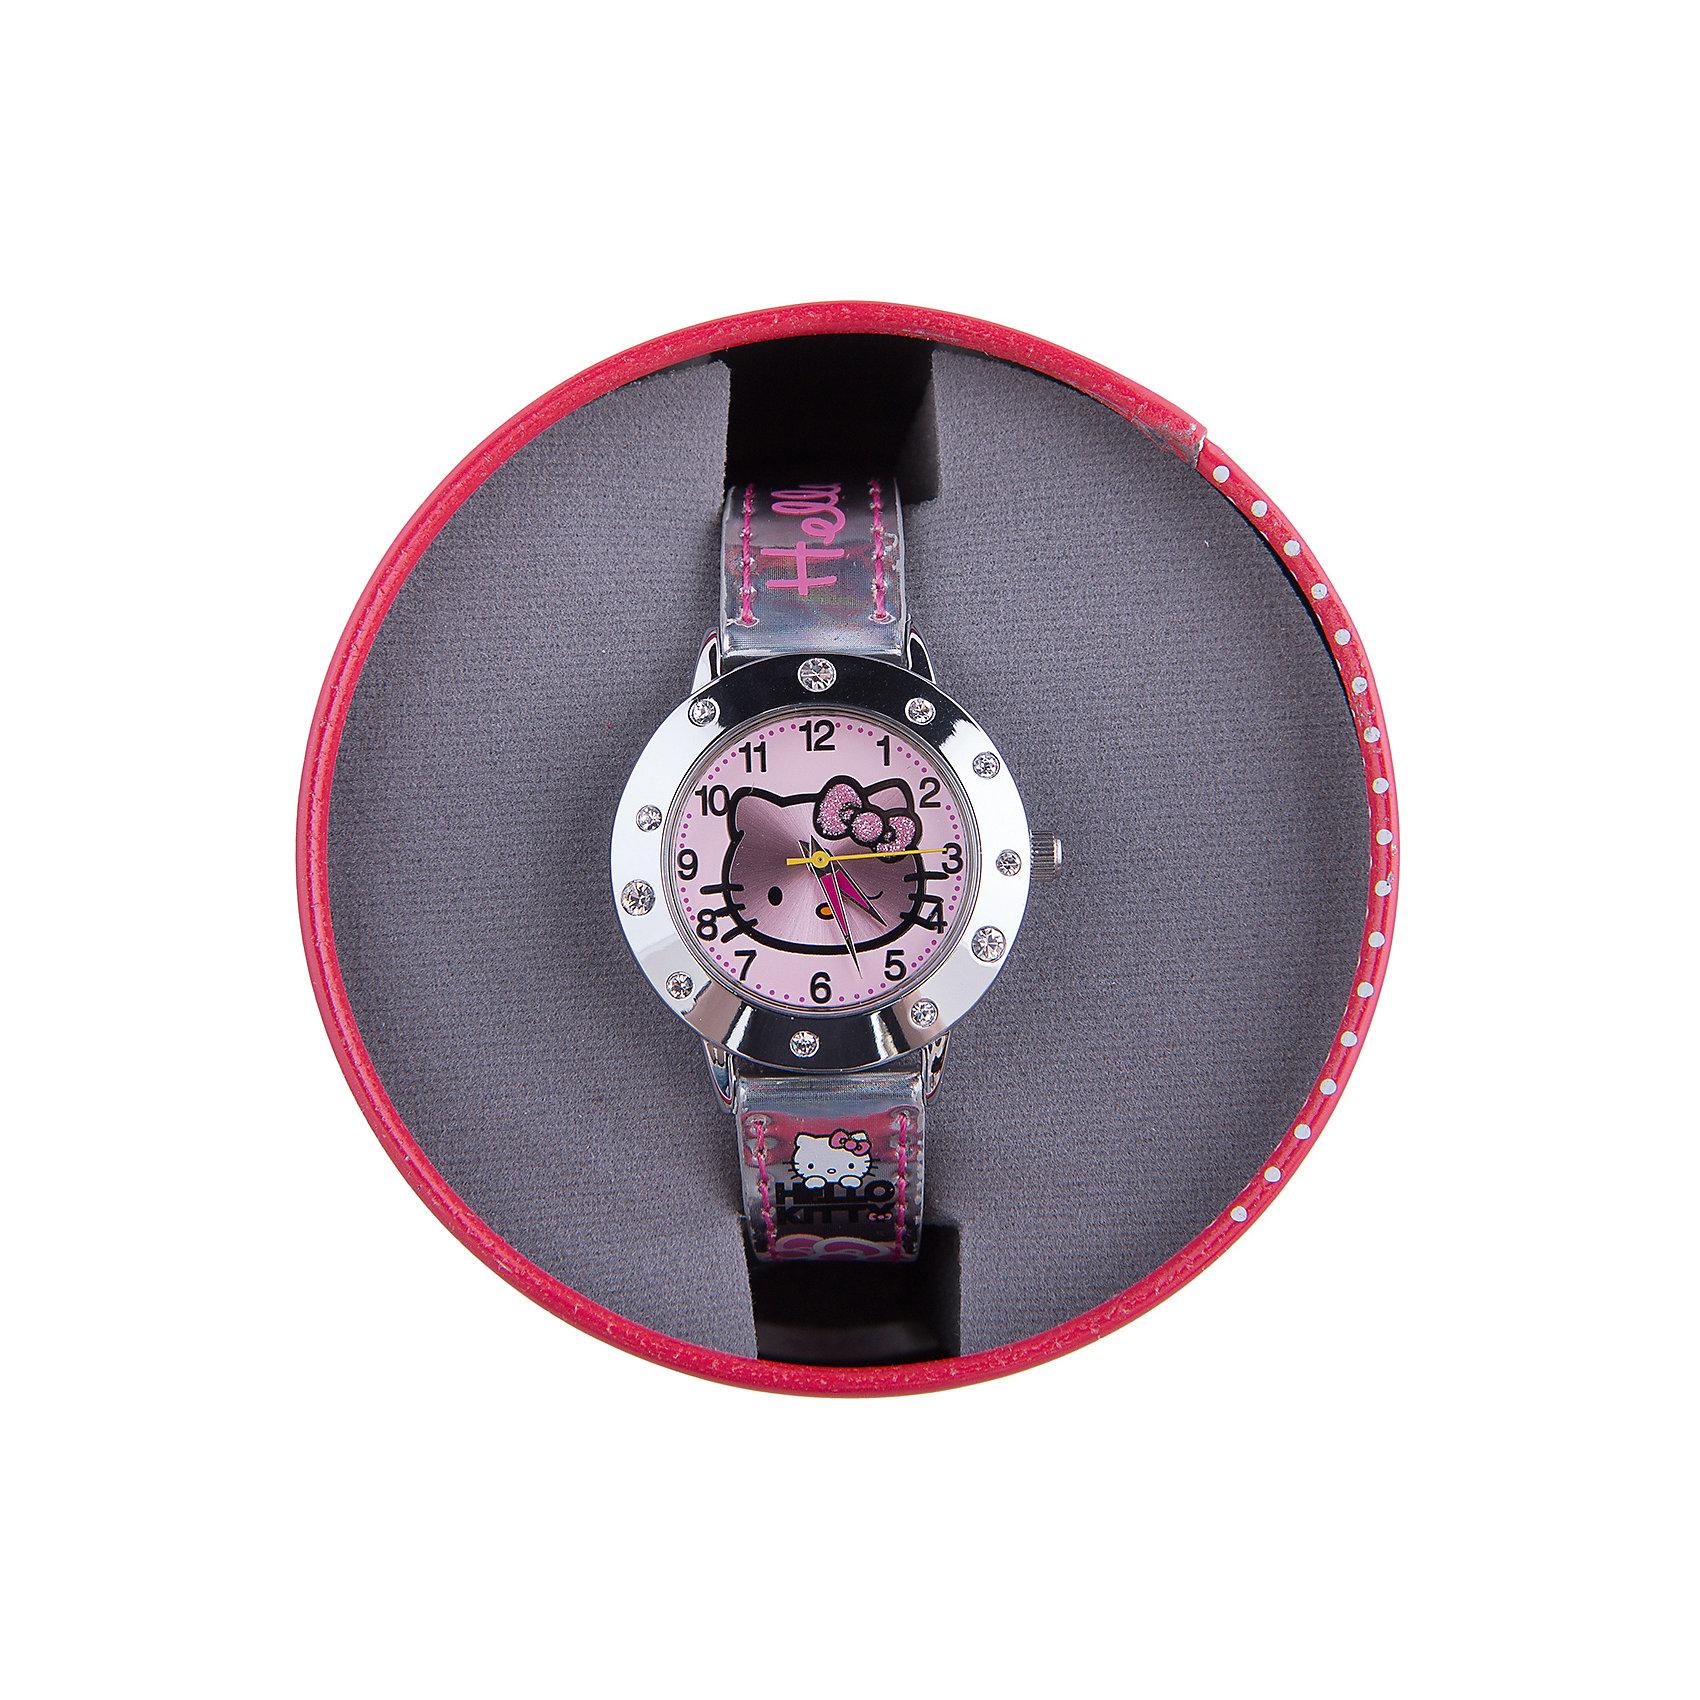 Часы наручные аналоговые, Hello KittyHello Kitty<br>Эксклюзивные наручные аналоговые часы торговой марки Hello Kitty выполнены по индивидуальному дизайну ООО «Детское Время» и лицензии компании Sanrio. Обилие деталей - декоративных элементов (страз, мерцающих ремешков), надписей,  уникальных изображений - делают изделие тщательно продуманным творением мастеров. Часы имеют высококачественный японский кварцевый механизм и отличаются надежностью и точностью хода. Часы водоустойчивы и обладают достаточной герметичностью, чтобы спокойно перенести случайный и незначительный контакт с жидкостями (дождь, брызги), но они не предназначены для плавания или погружения в воду. Циферблат защищен от повреждений прочным минеральным стеклом. Корпус часов выполнен из стали,  задняя крышка из нержавеющей стали. Материал браслета: искусственная кожа. Единица товара упаковывается в стильную подарочную коробочку. Неповторимый стиль с изобилием насыщенных и в тоже время нежных гамм; надежность и прочность изделия позволяют говорить о нем только в превосходной степени!<br><br>Ширина мм: 55<br>Глубина мм: 10<br>Высота мм: 250<br>Вес г: 29<br>Возраст от месяцев: 36<br>Возраст до месяцев: 72<br>Пол: Женский<br>Возраст: Детский<br>SKU: 5529338